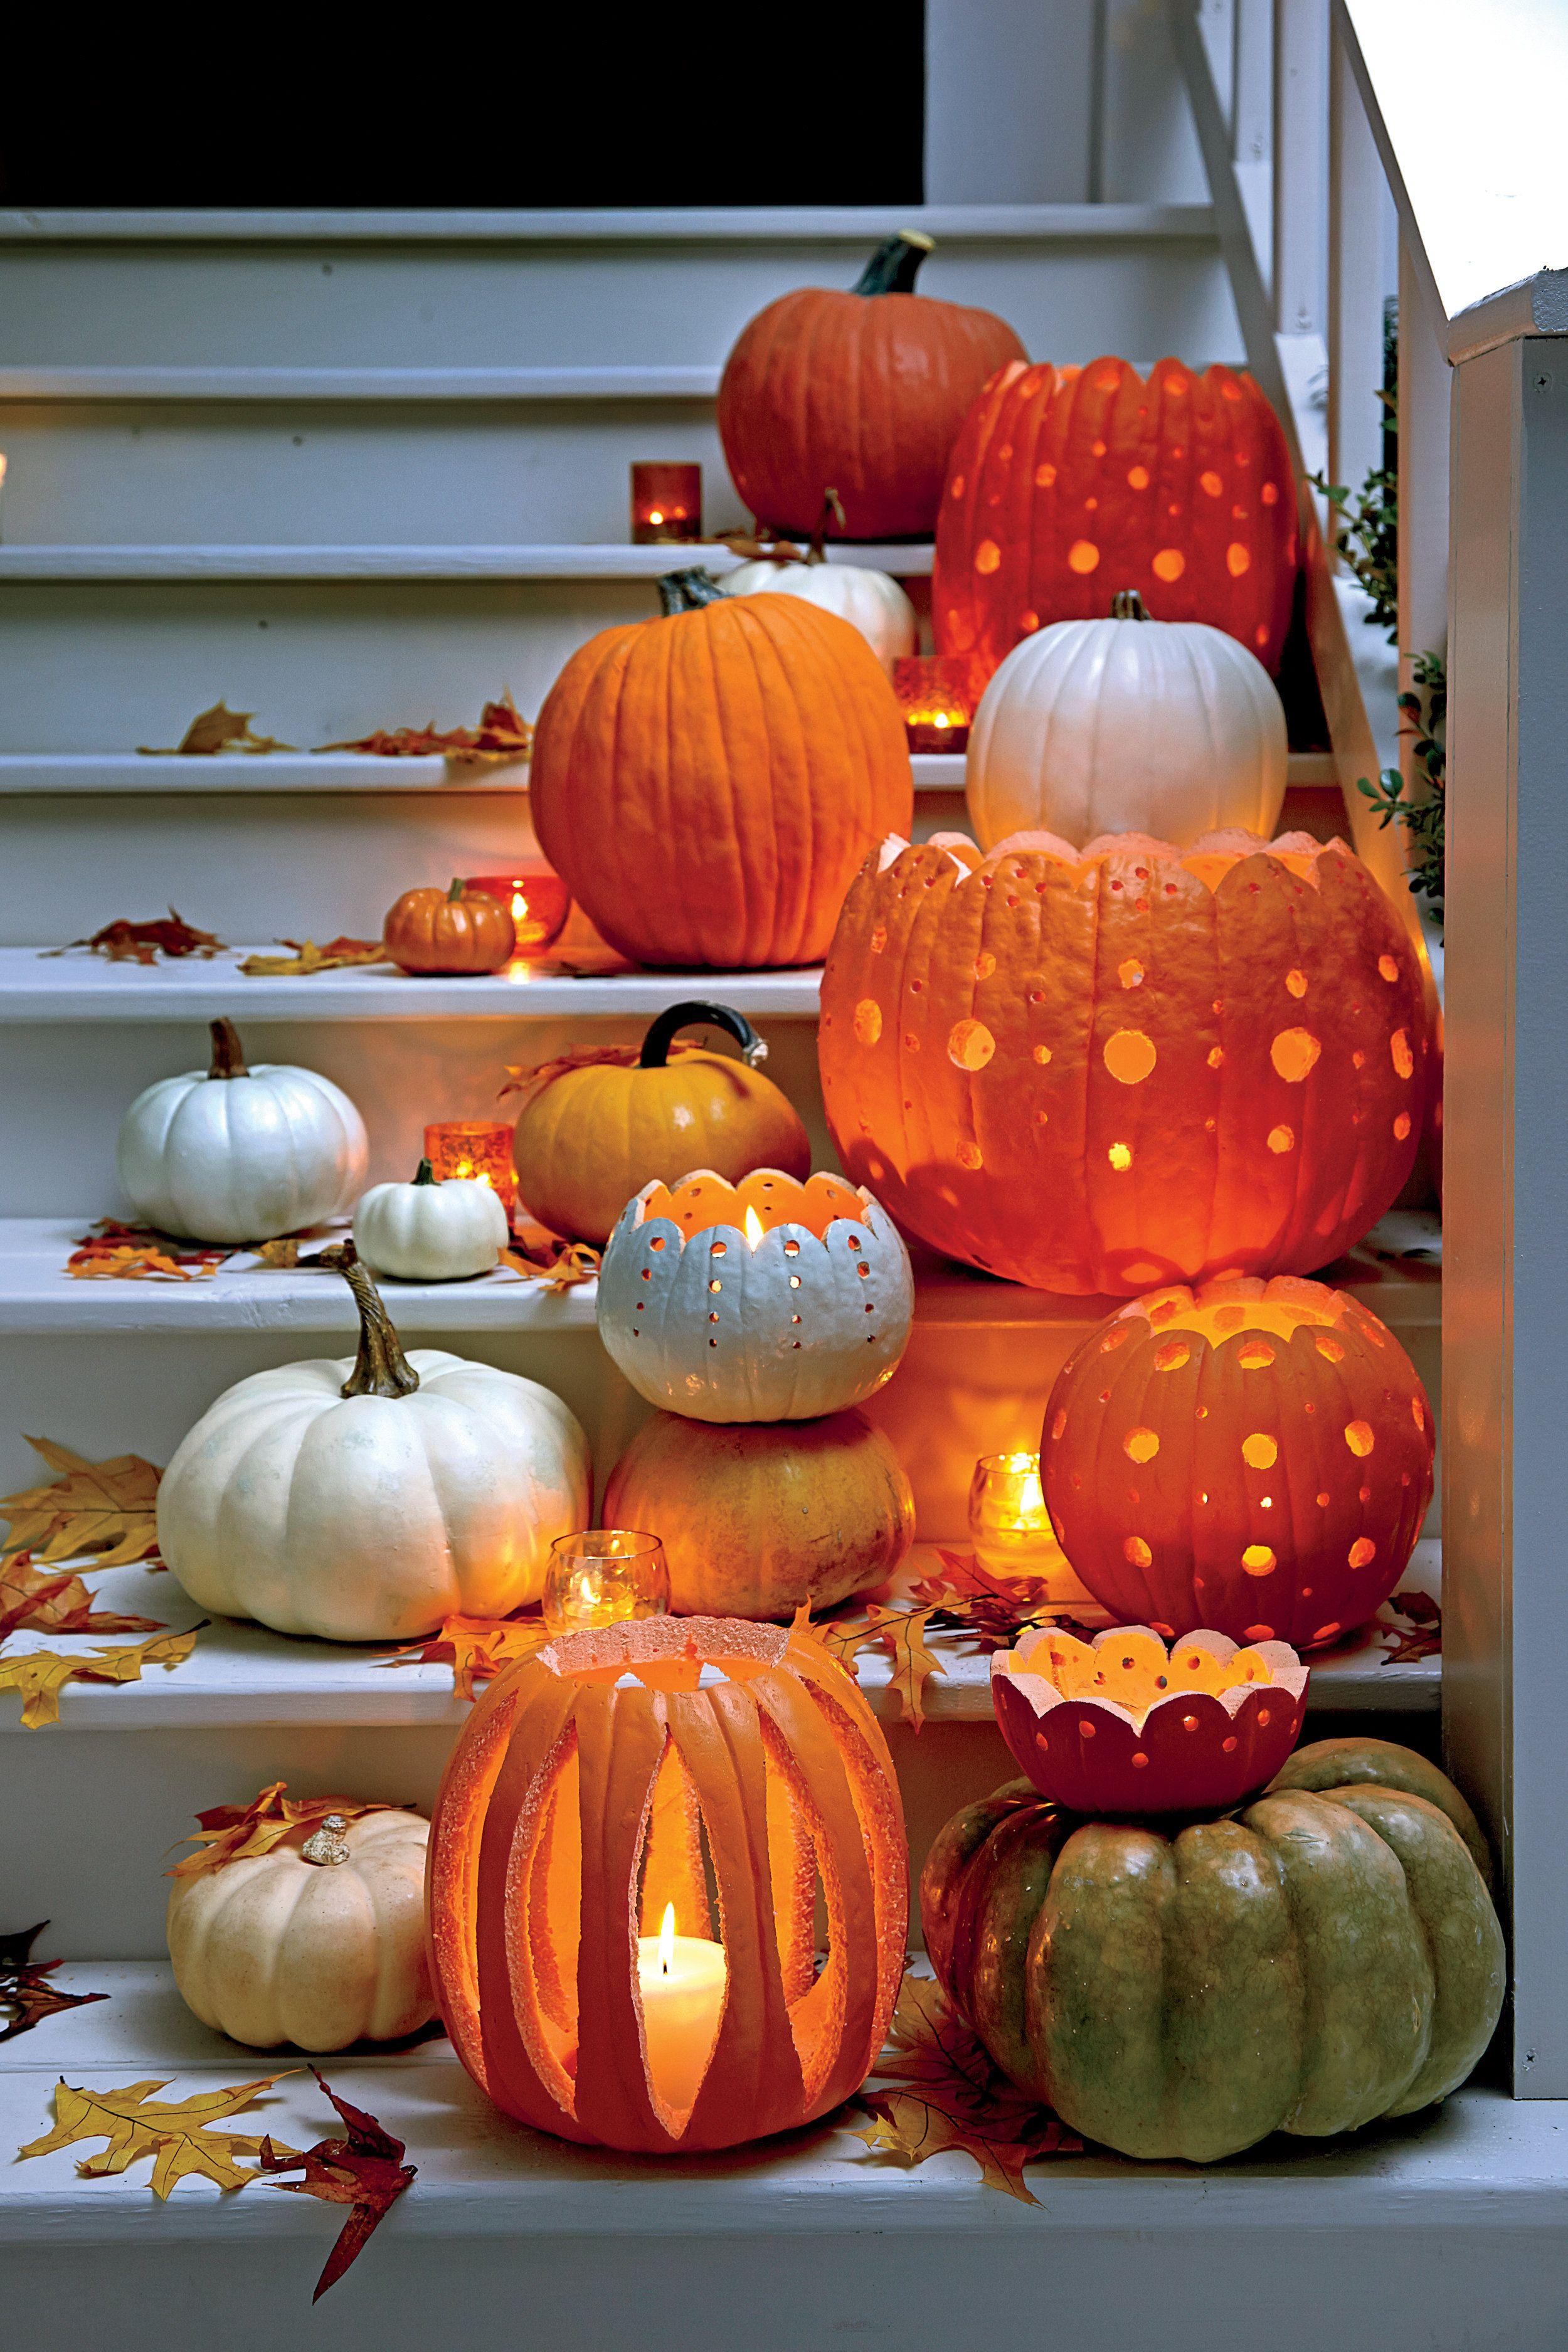 pumpkin carving ideas holidays pinterest pumpkin carvings